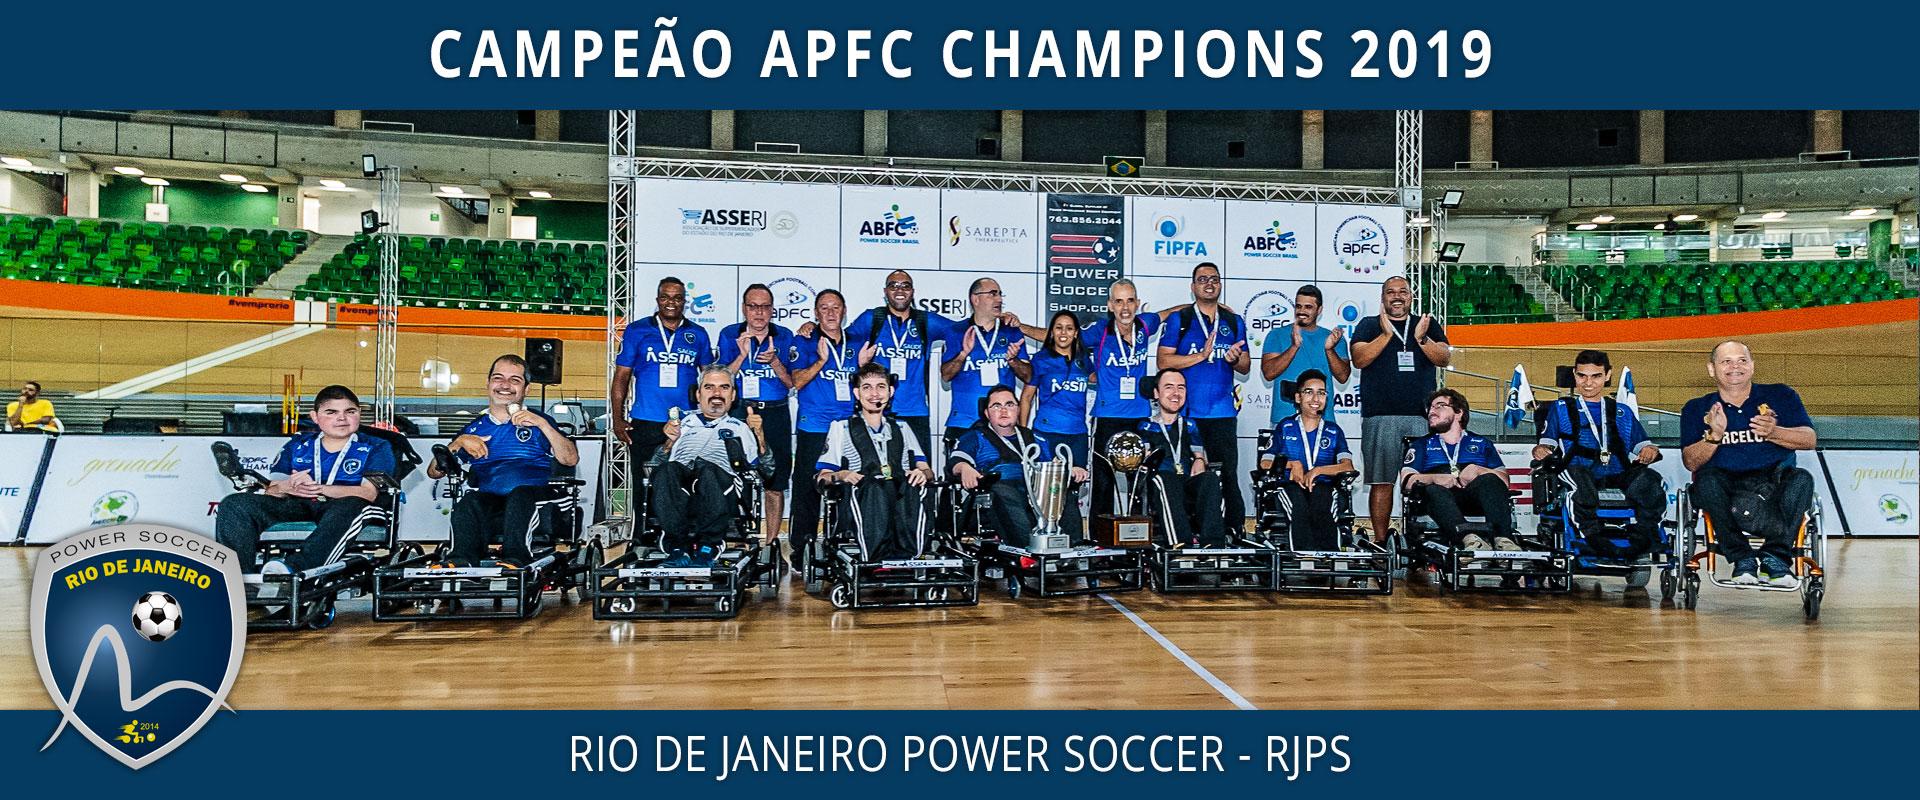 Campeão APFC Champions 2019 - Rio de Janeiro Power Soccer